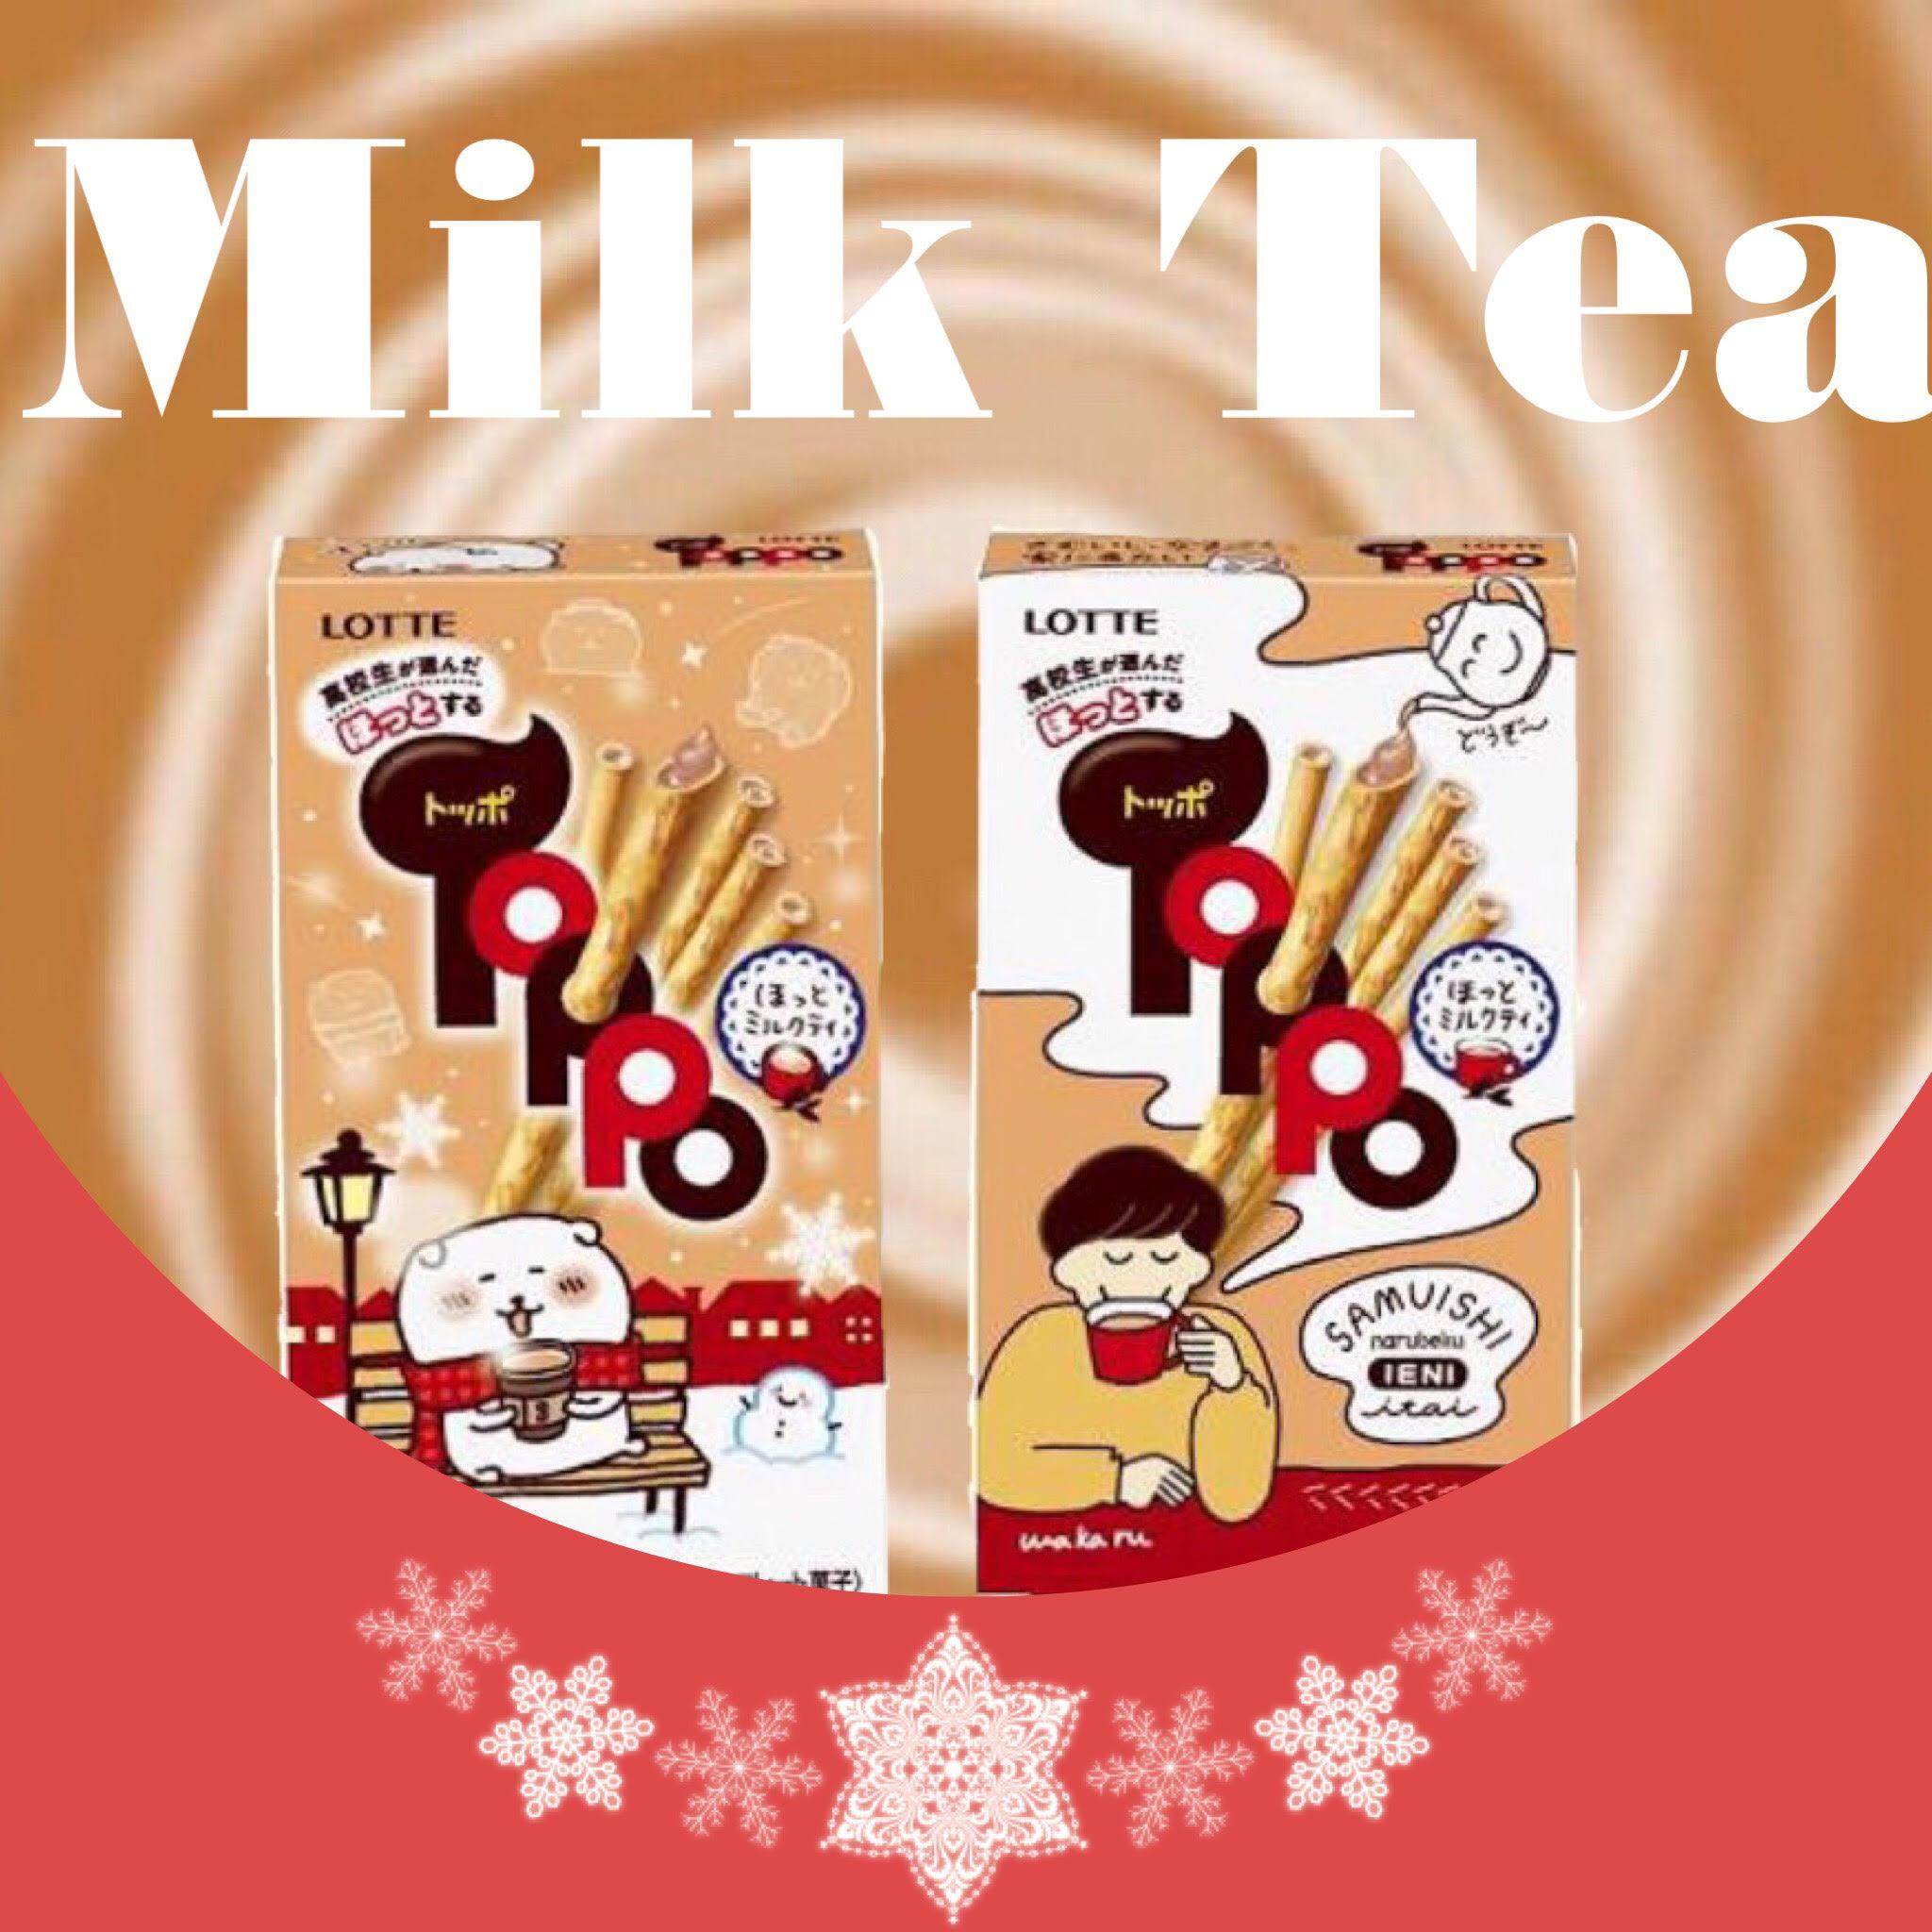 【LOTTE樂天】TOPPO奶茶風味夾心餅乾棒 36gx2袋入 ロッテ トッポ ミルクティー 期間限定 日本進口餅乾